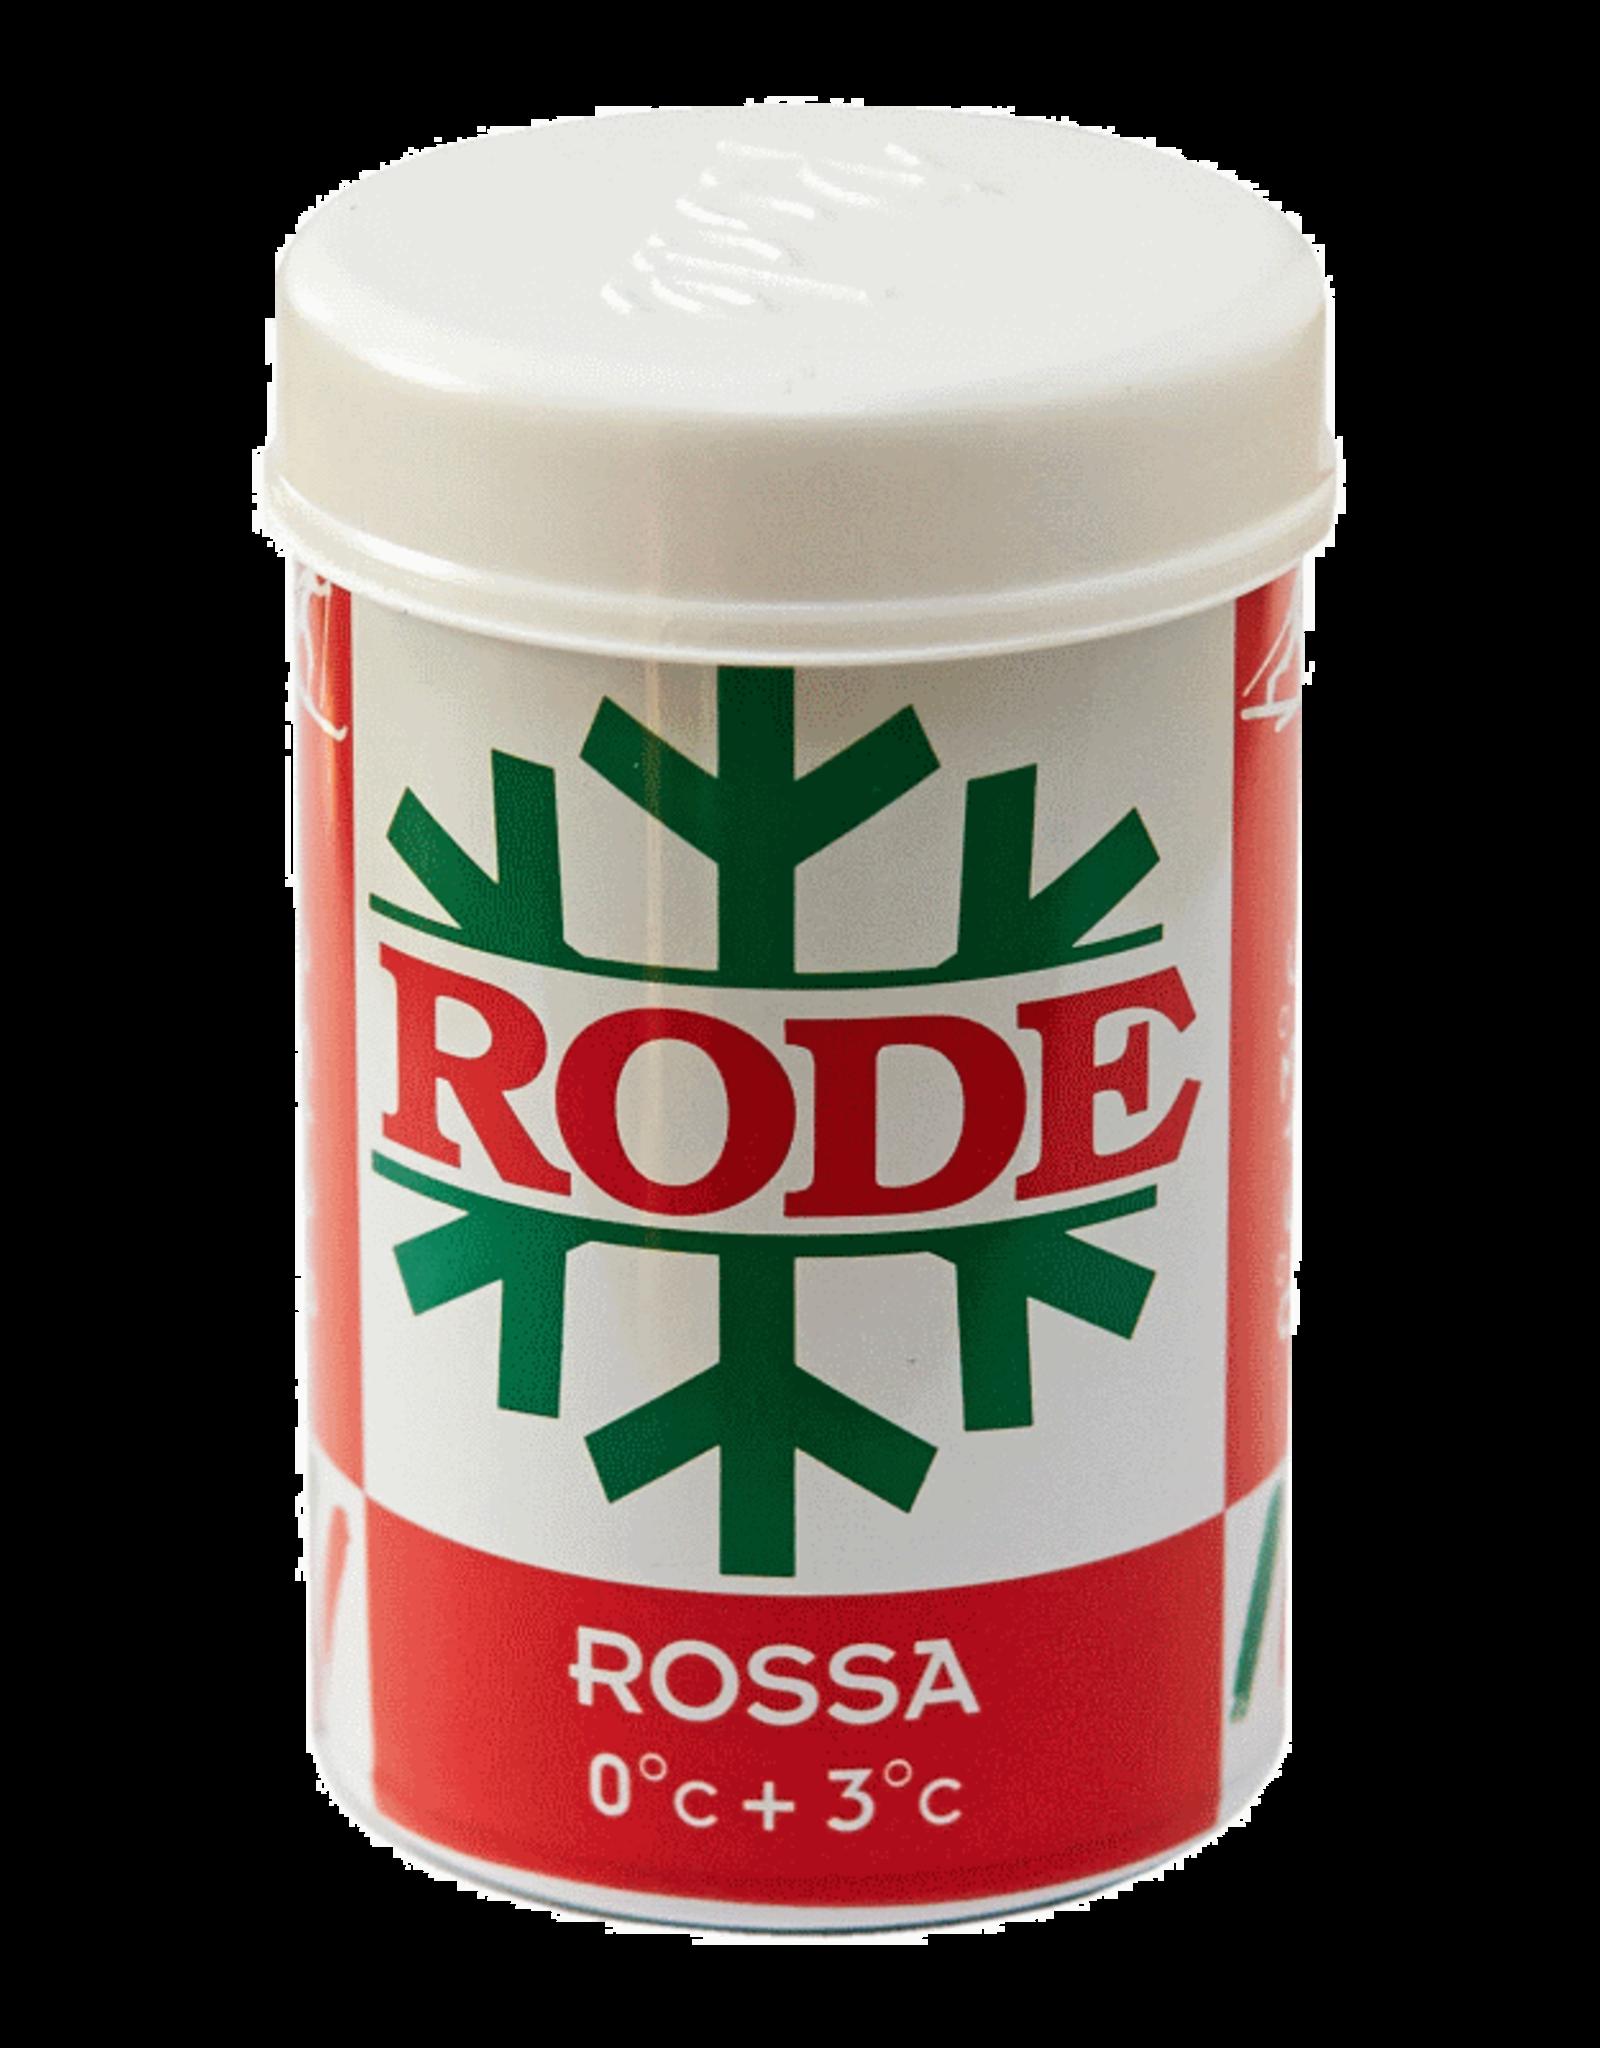 Rode Rode Kick Rossa